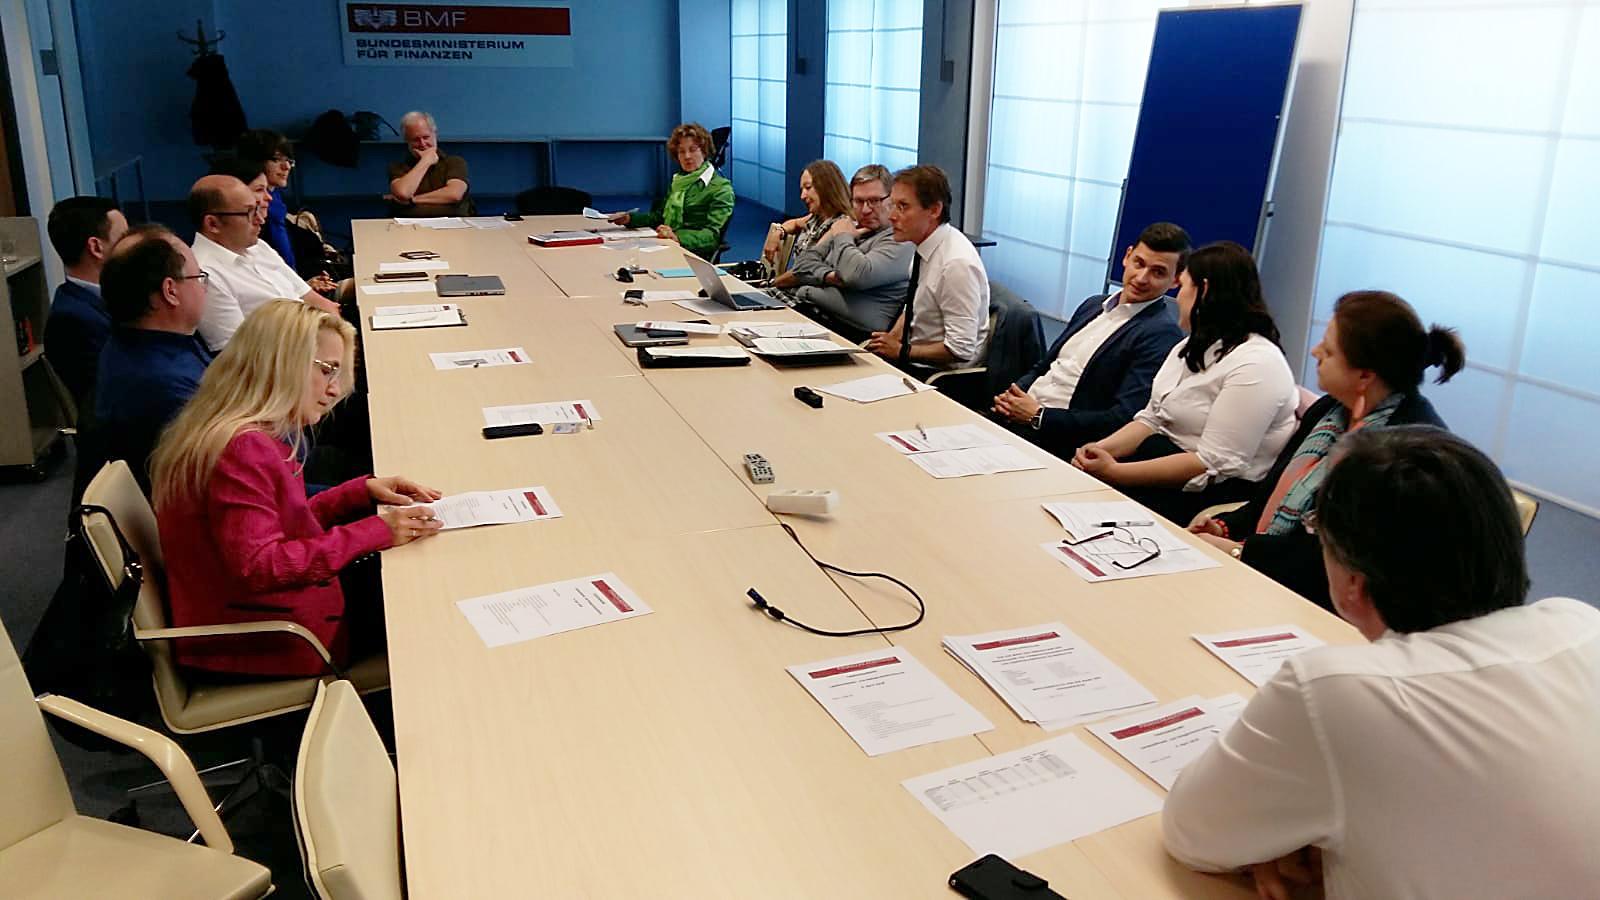 BMF Österreich - Finanzakademiker in Aktion